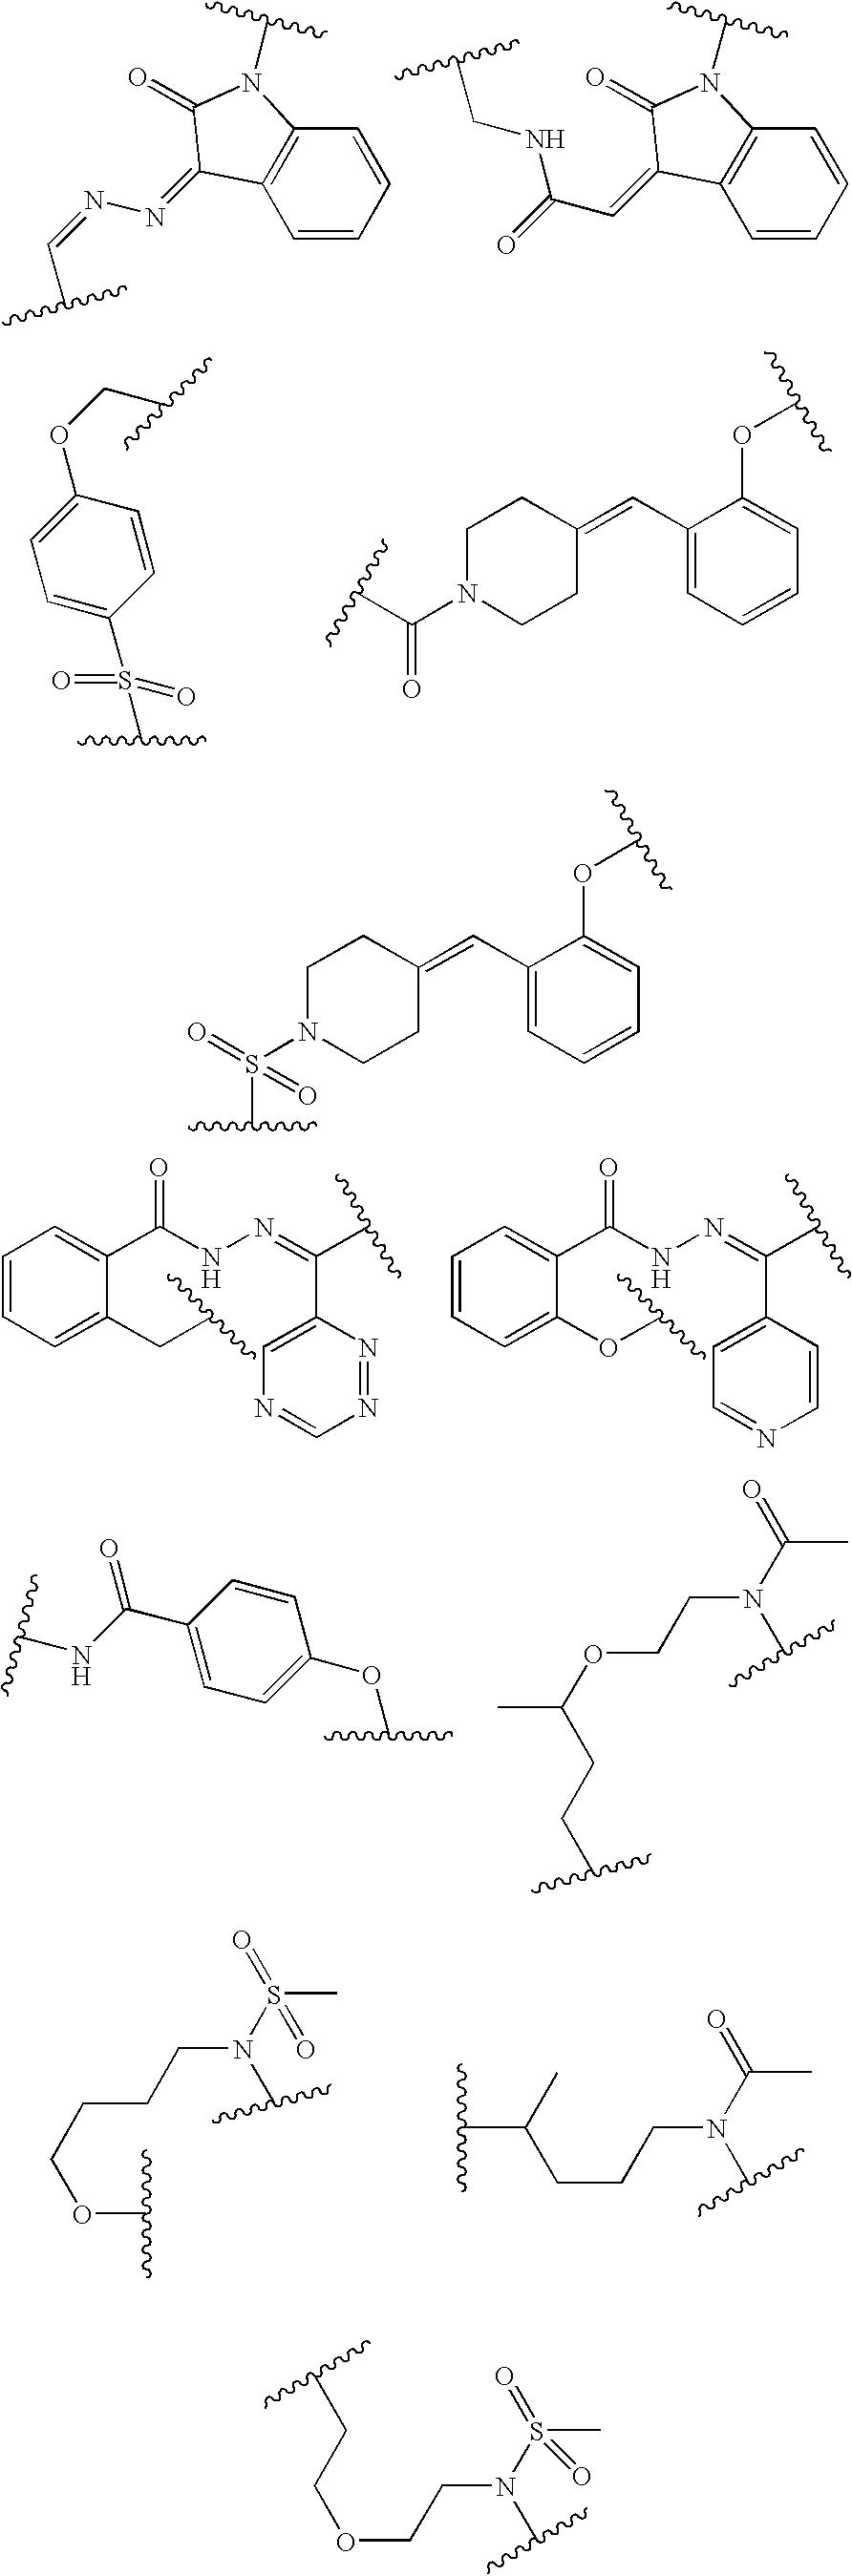 Figure US20040204477A1-20041014-C00019